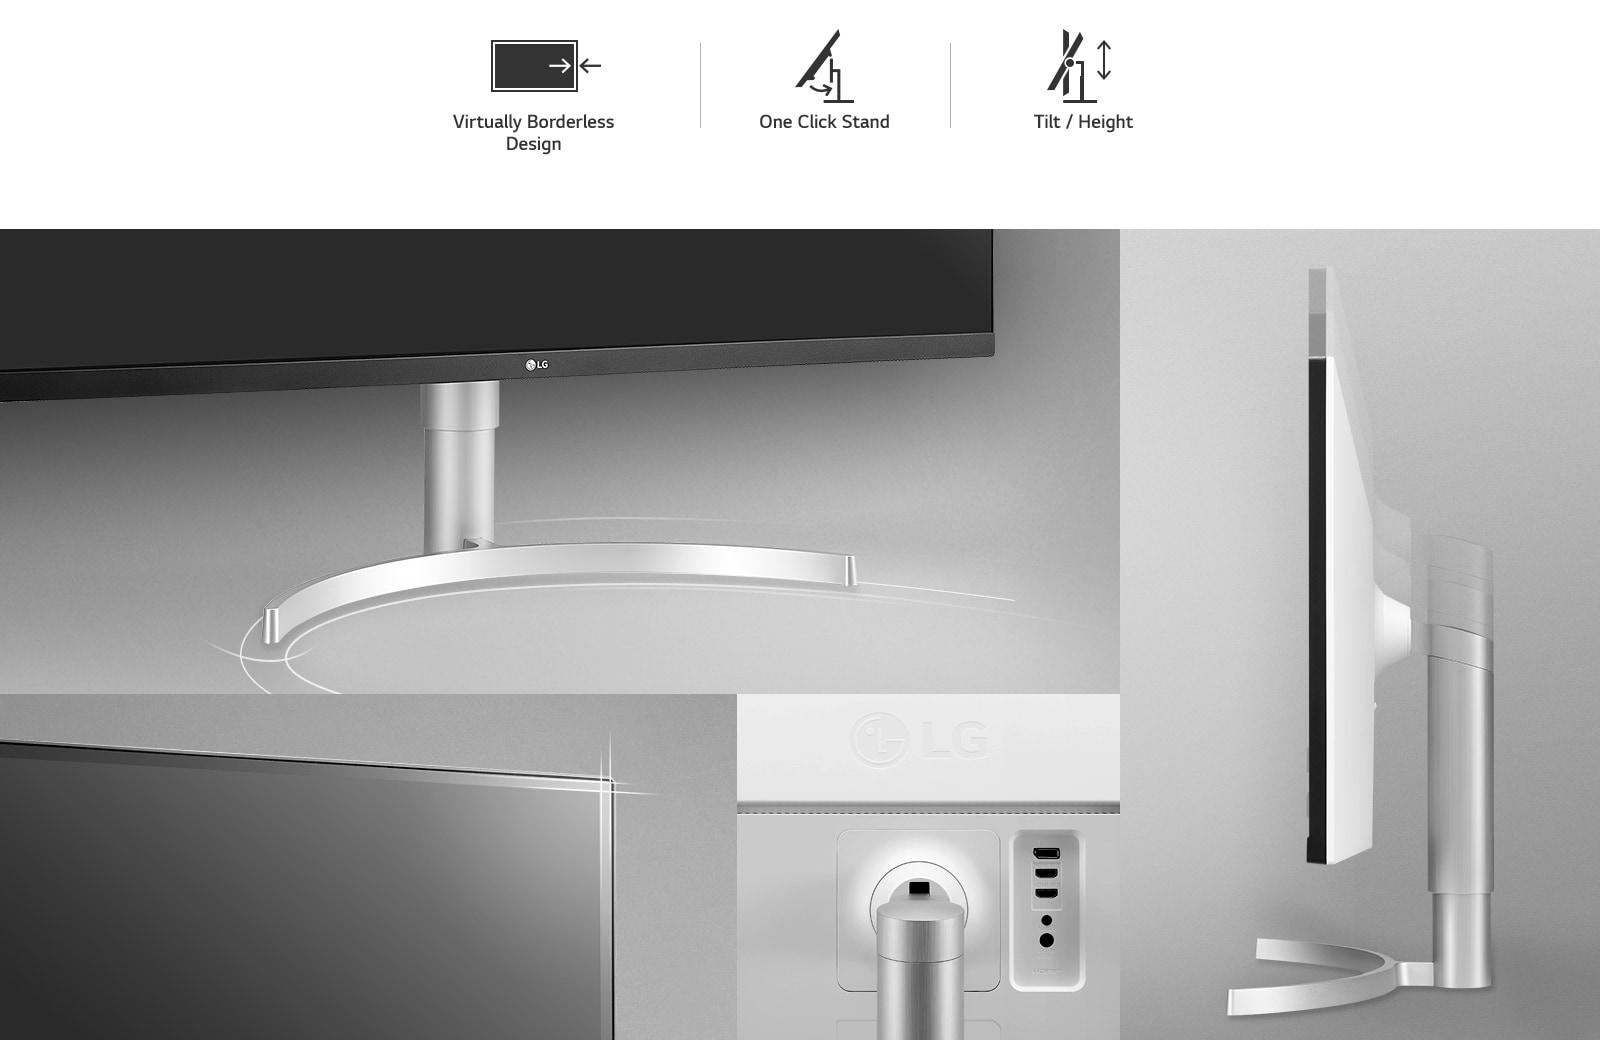 Ergonomic Design : Virtually Borderless Design / One Click Stand / Tilt / Height